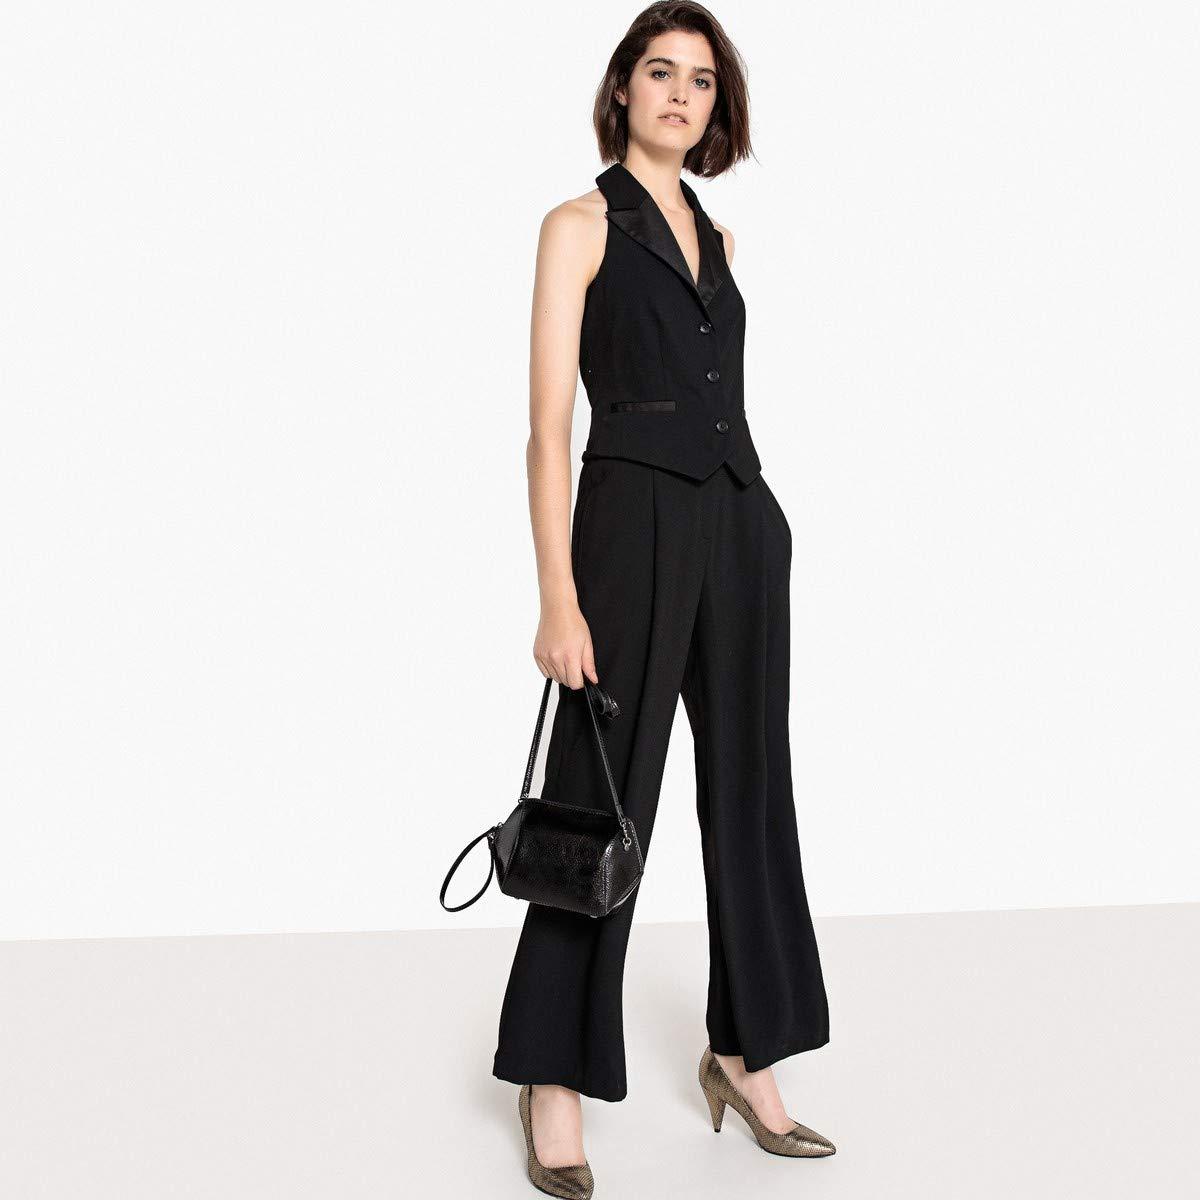 17d5a248026f Amazon.com  La Redoute Collections Womens Wide Leg Halterneck Blazer  Jumpsuit Black Size US 14 - FR 44  Clothing